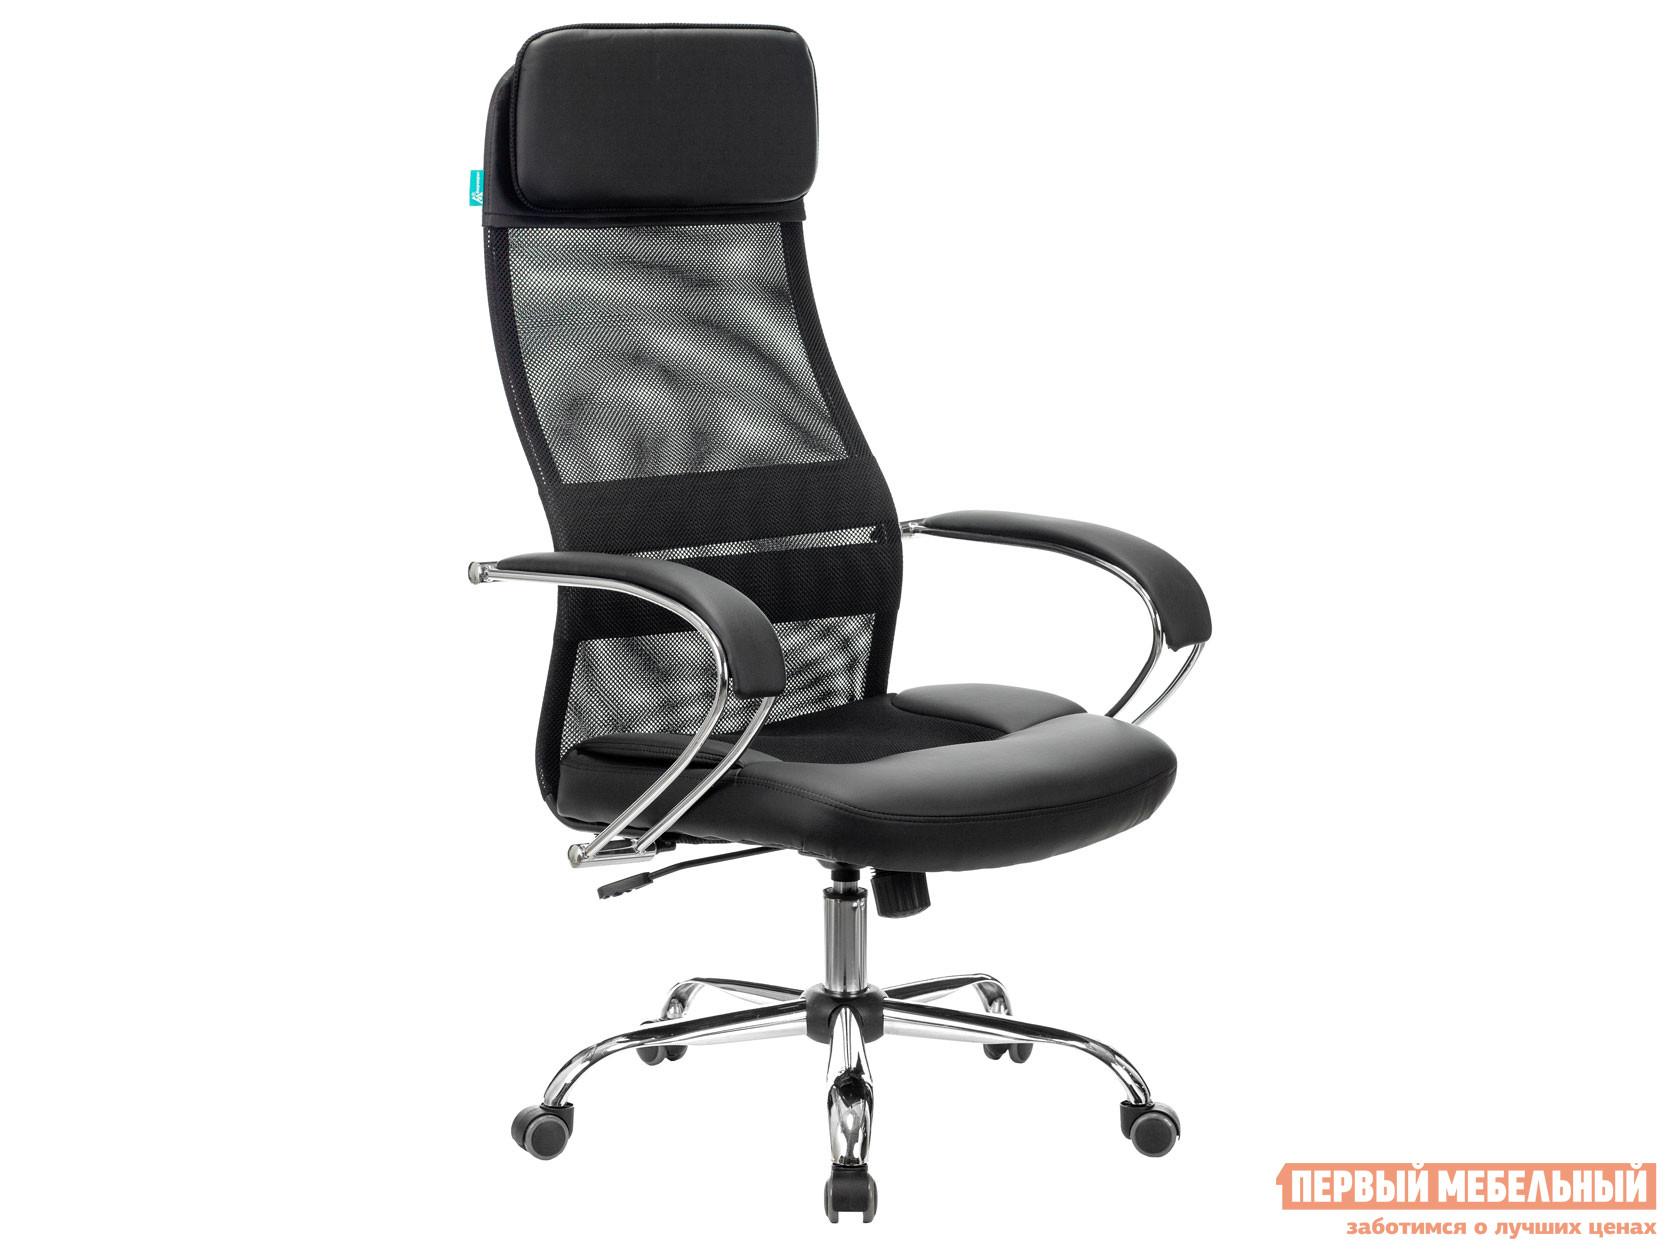 Кресло руководителя  CH-608SL/BLACK TW-11 Черный, ткань / TW-01 сетка Бюрократ 95199